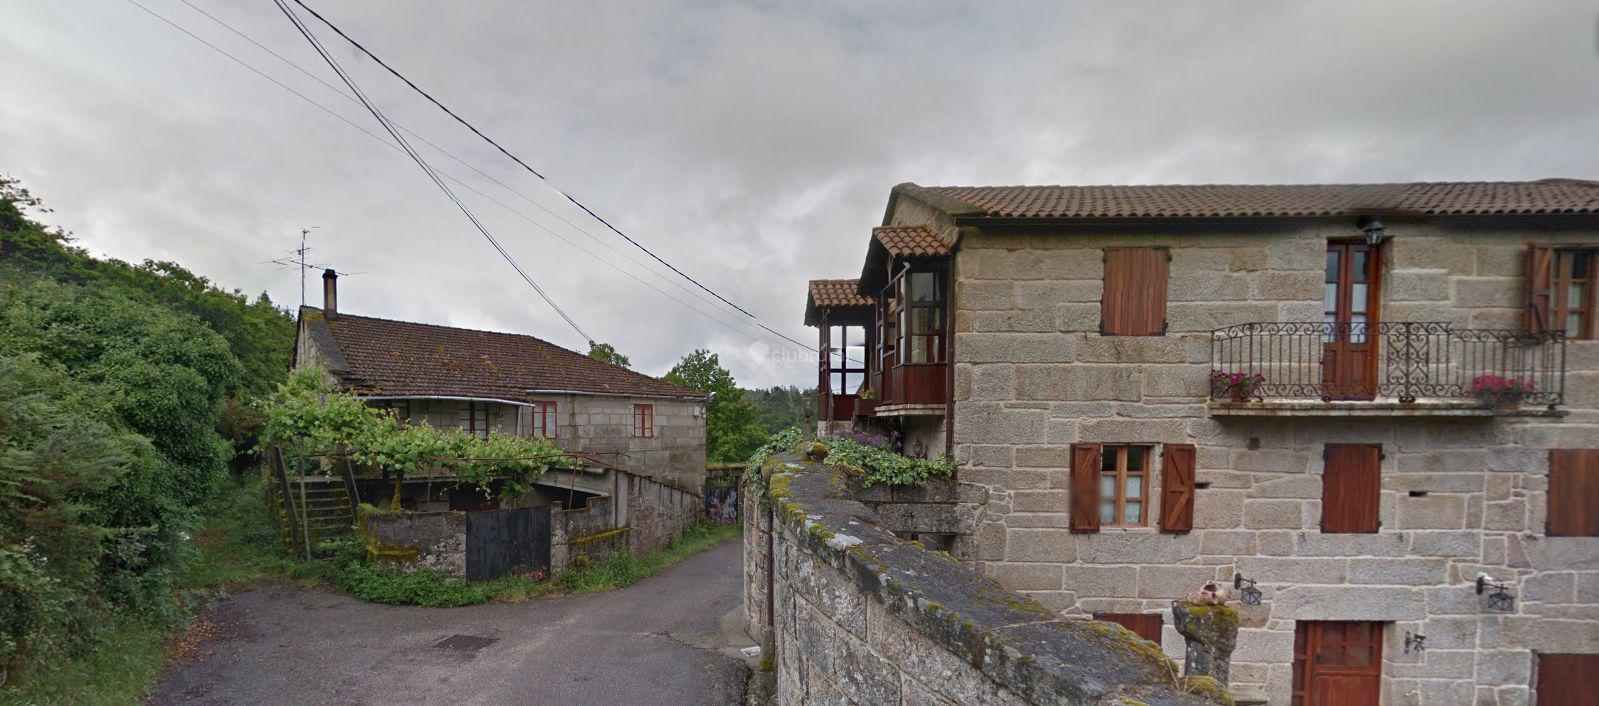 Fotos de casa do mestre pontevedra mea o clubrural - Professione casa mestre ...